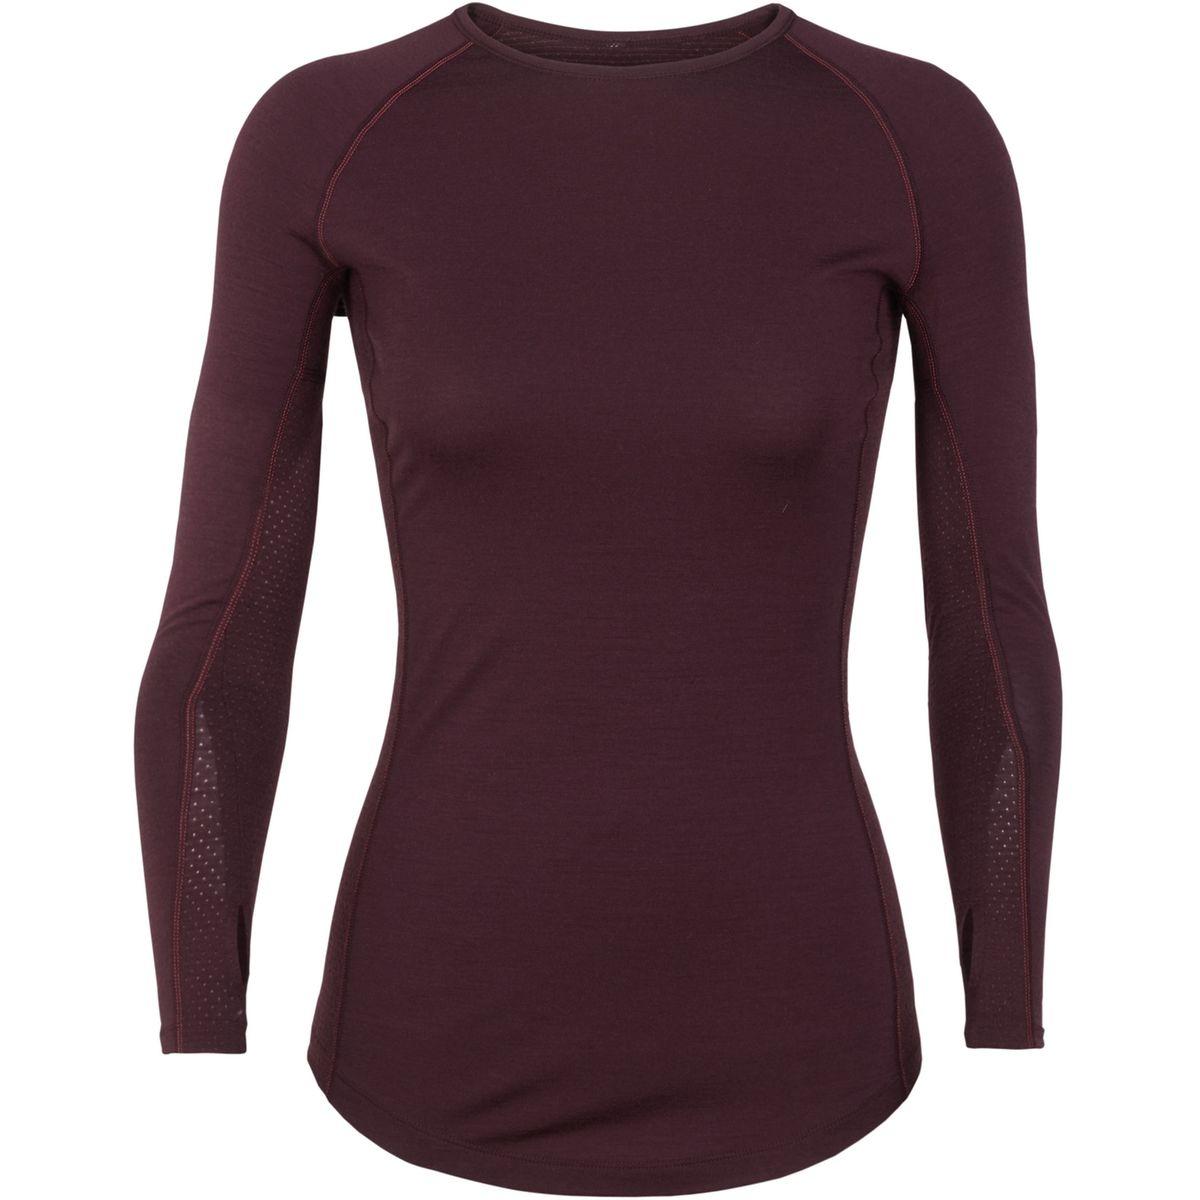 200 Zone - Sous-vêtement Femme - violet